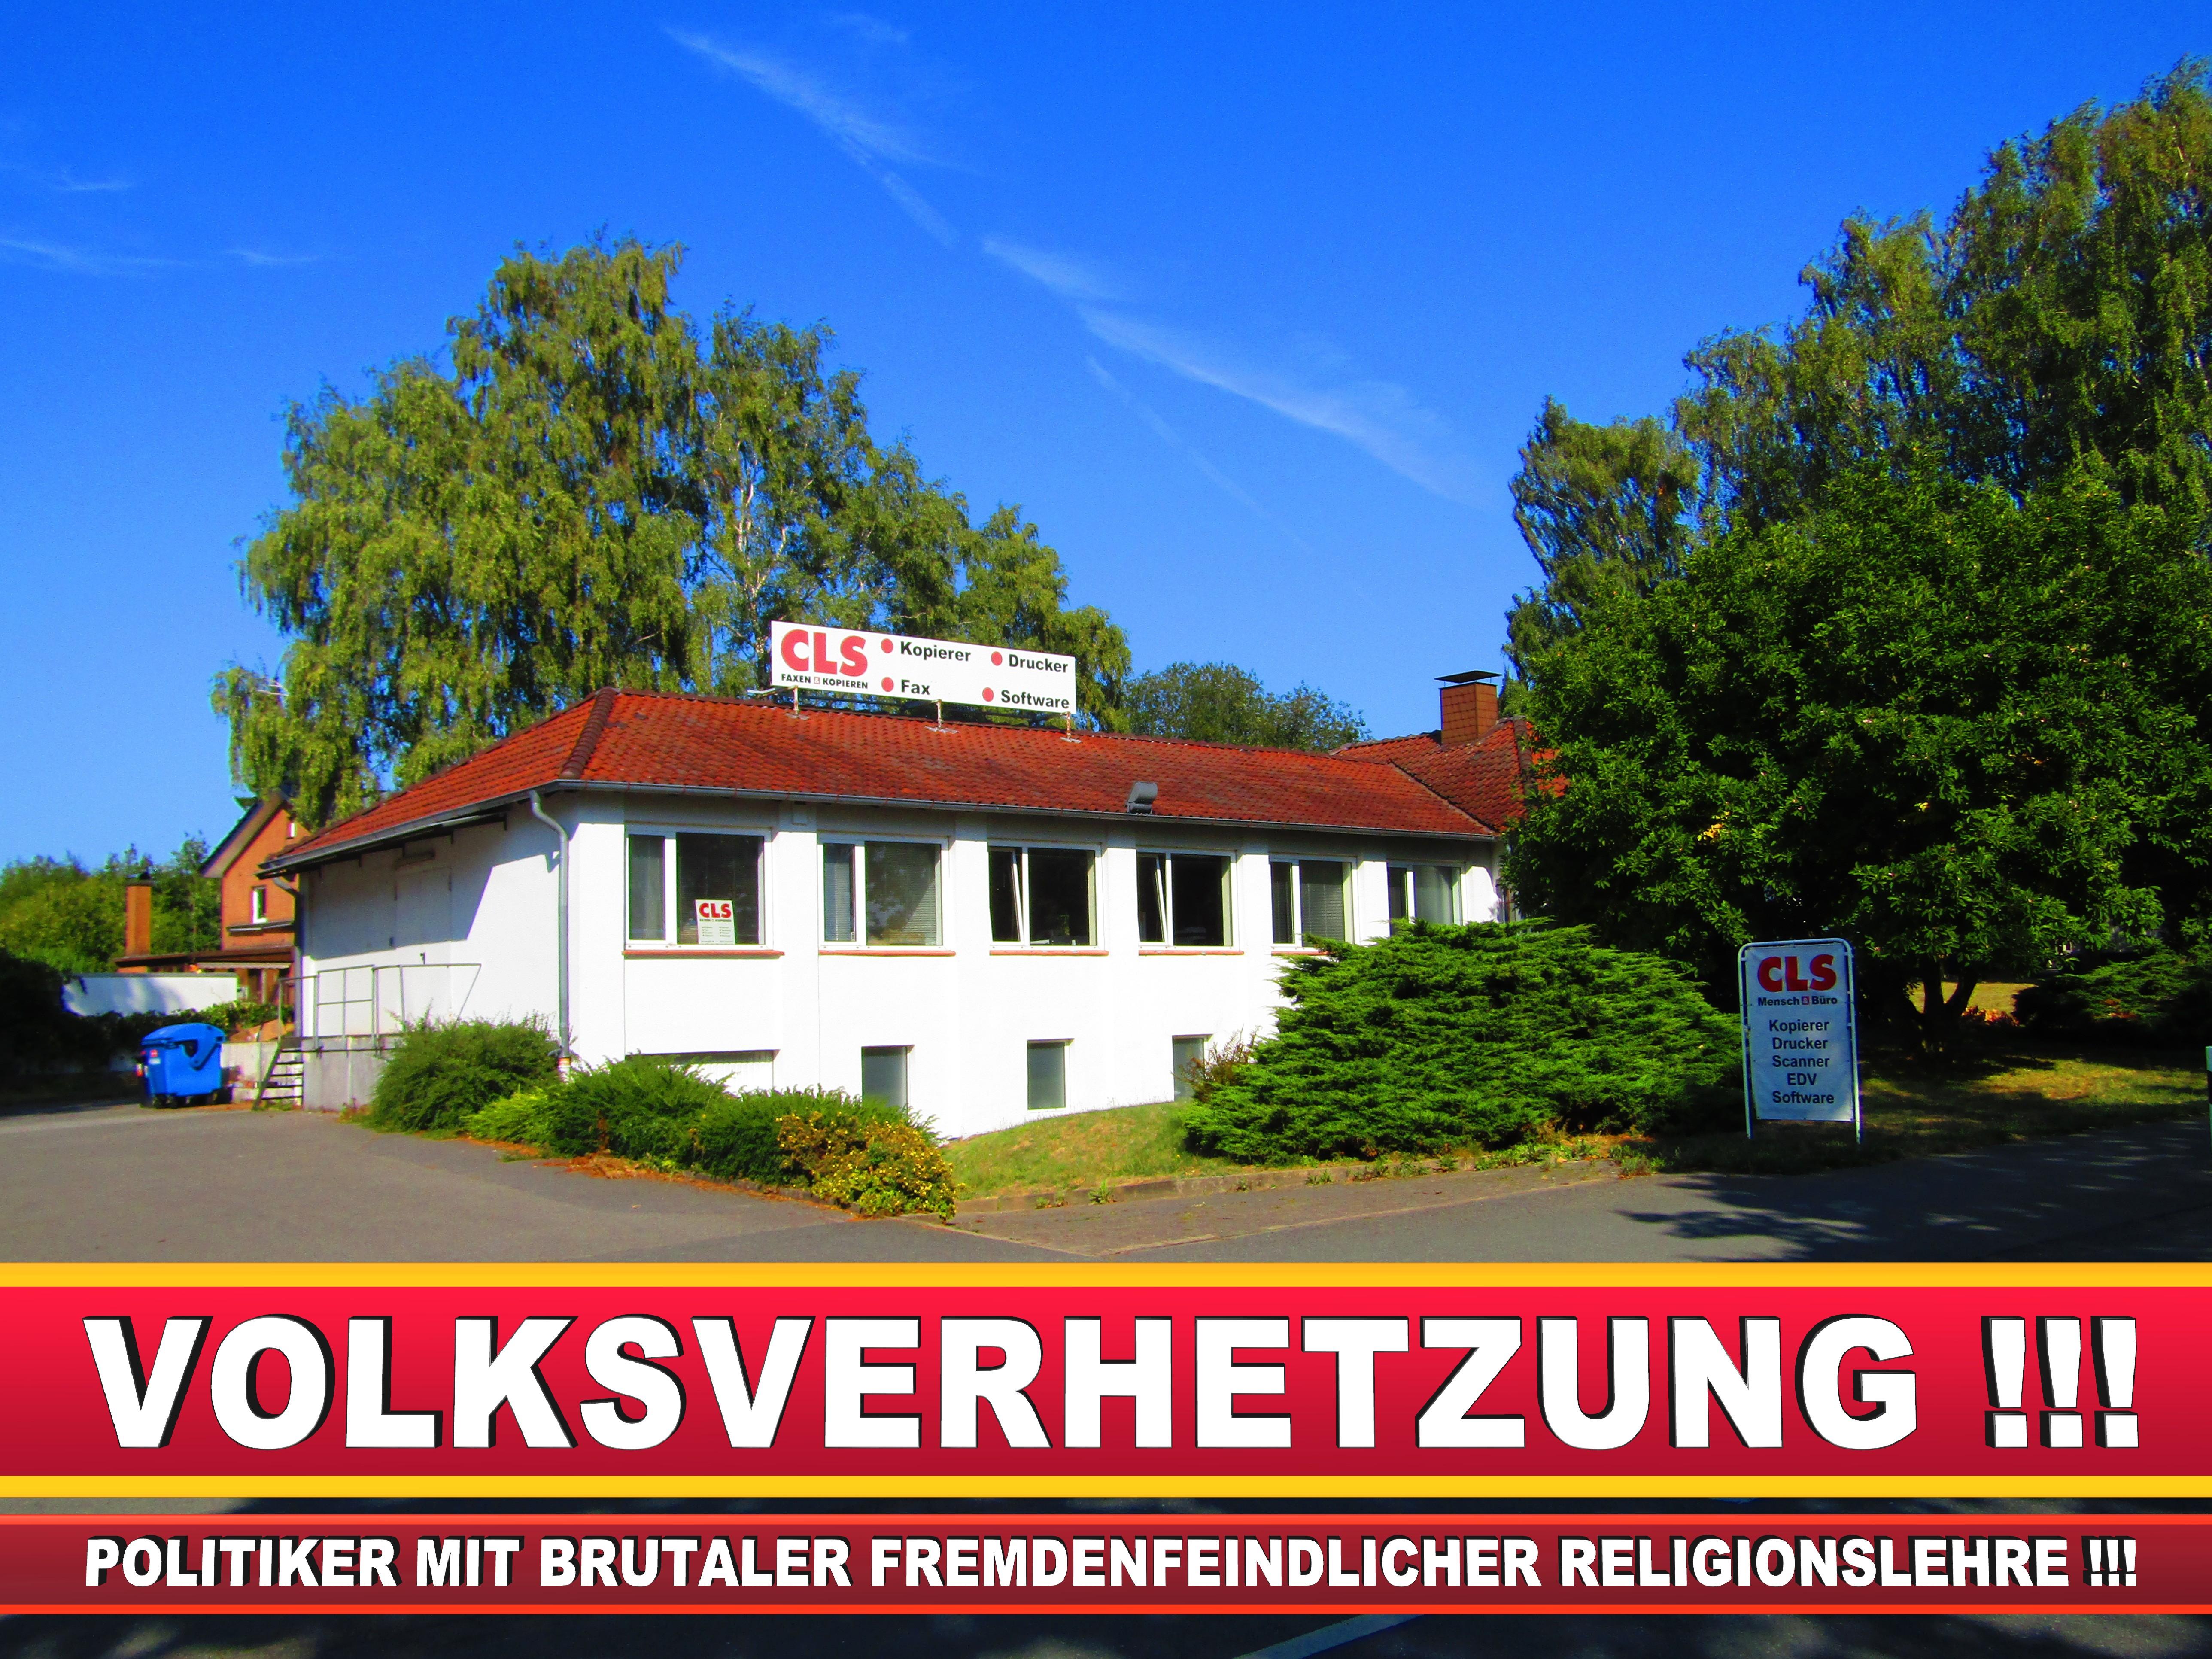 CLS MENSCH UND BÜRO GMBH CDU BIELEFELD (4) LANDTAGSWAHL BUNDESTAGSWAHL BÜRGERMEISTERWAHL